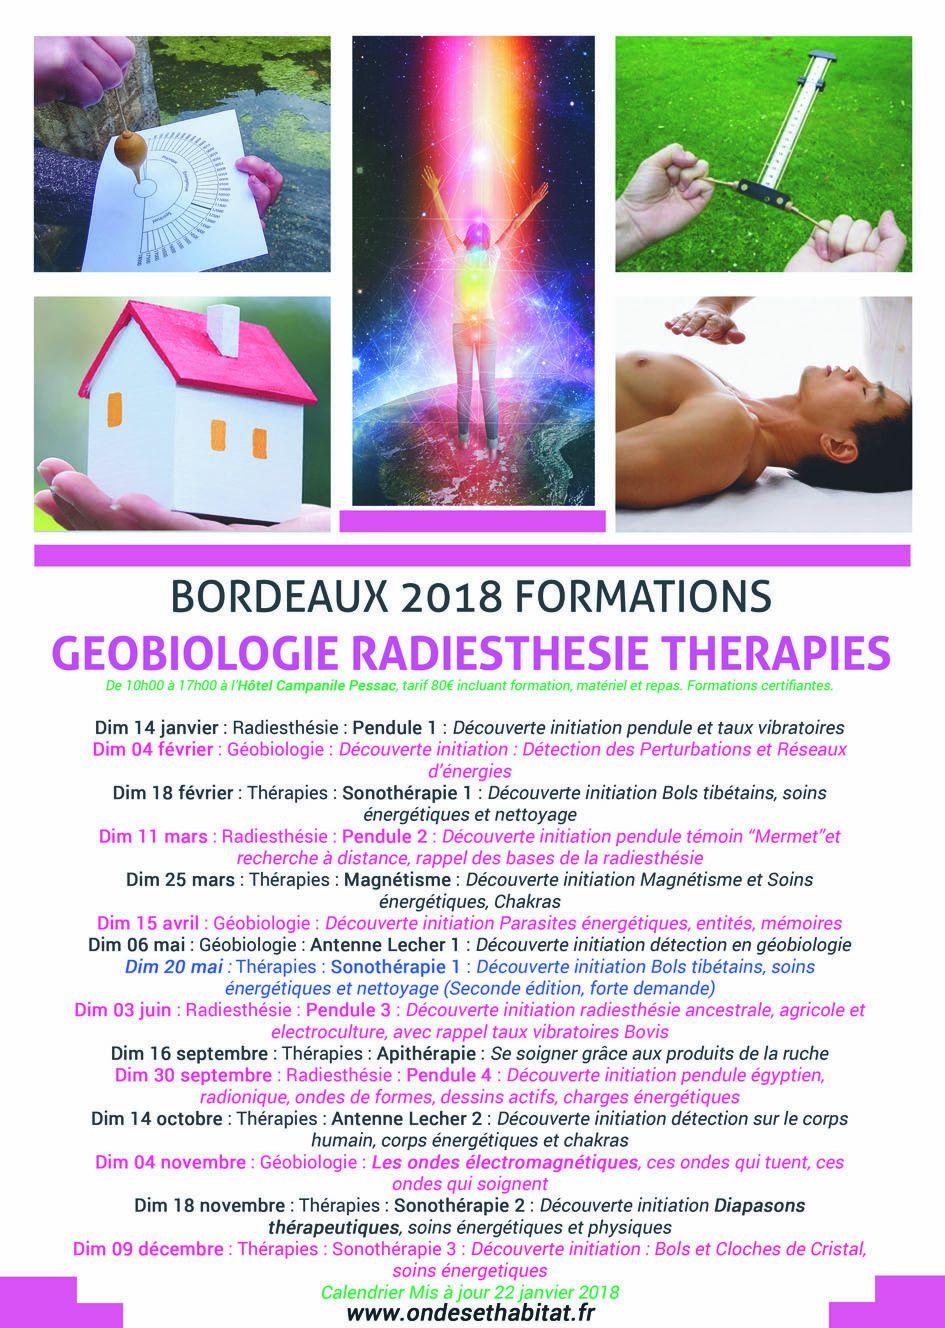 Calendrier 2018 Formations Soins Energétiques Thérapies radiesthésie Géobiologie pour Bordeaux ef Bayonne Mis à jour au 22 01 2018